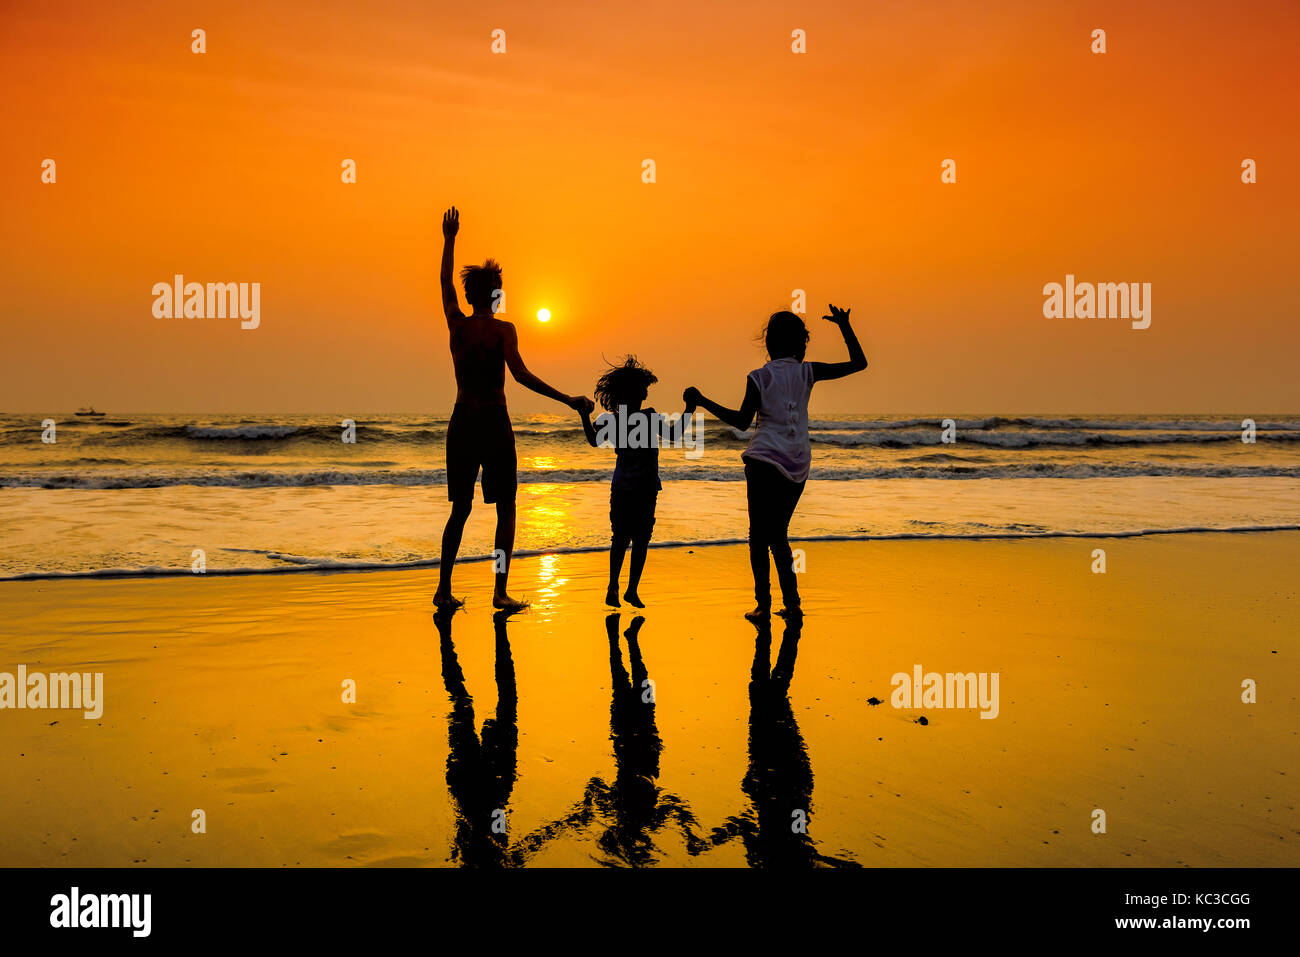 Sagome di gruppo di bambini balli sulla spiaggia al tramonto. Immagini Stock